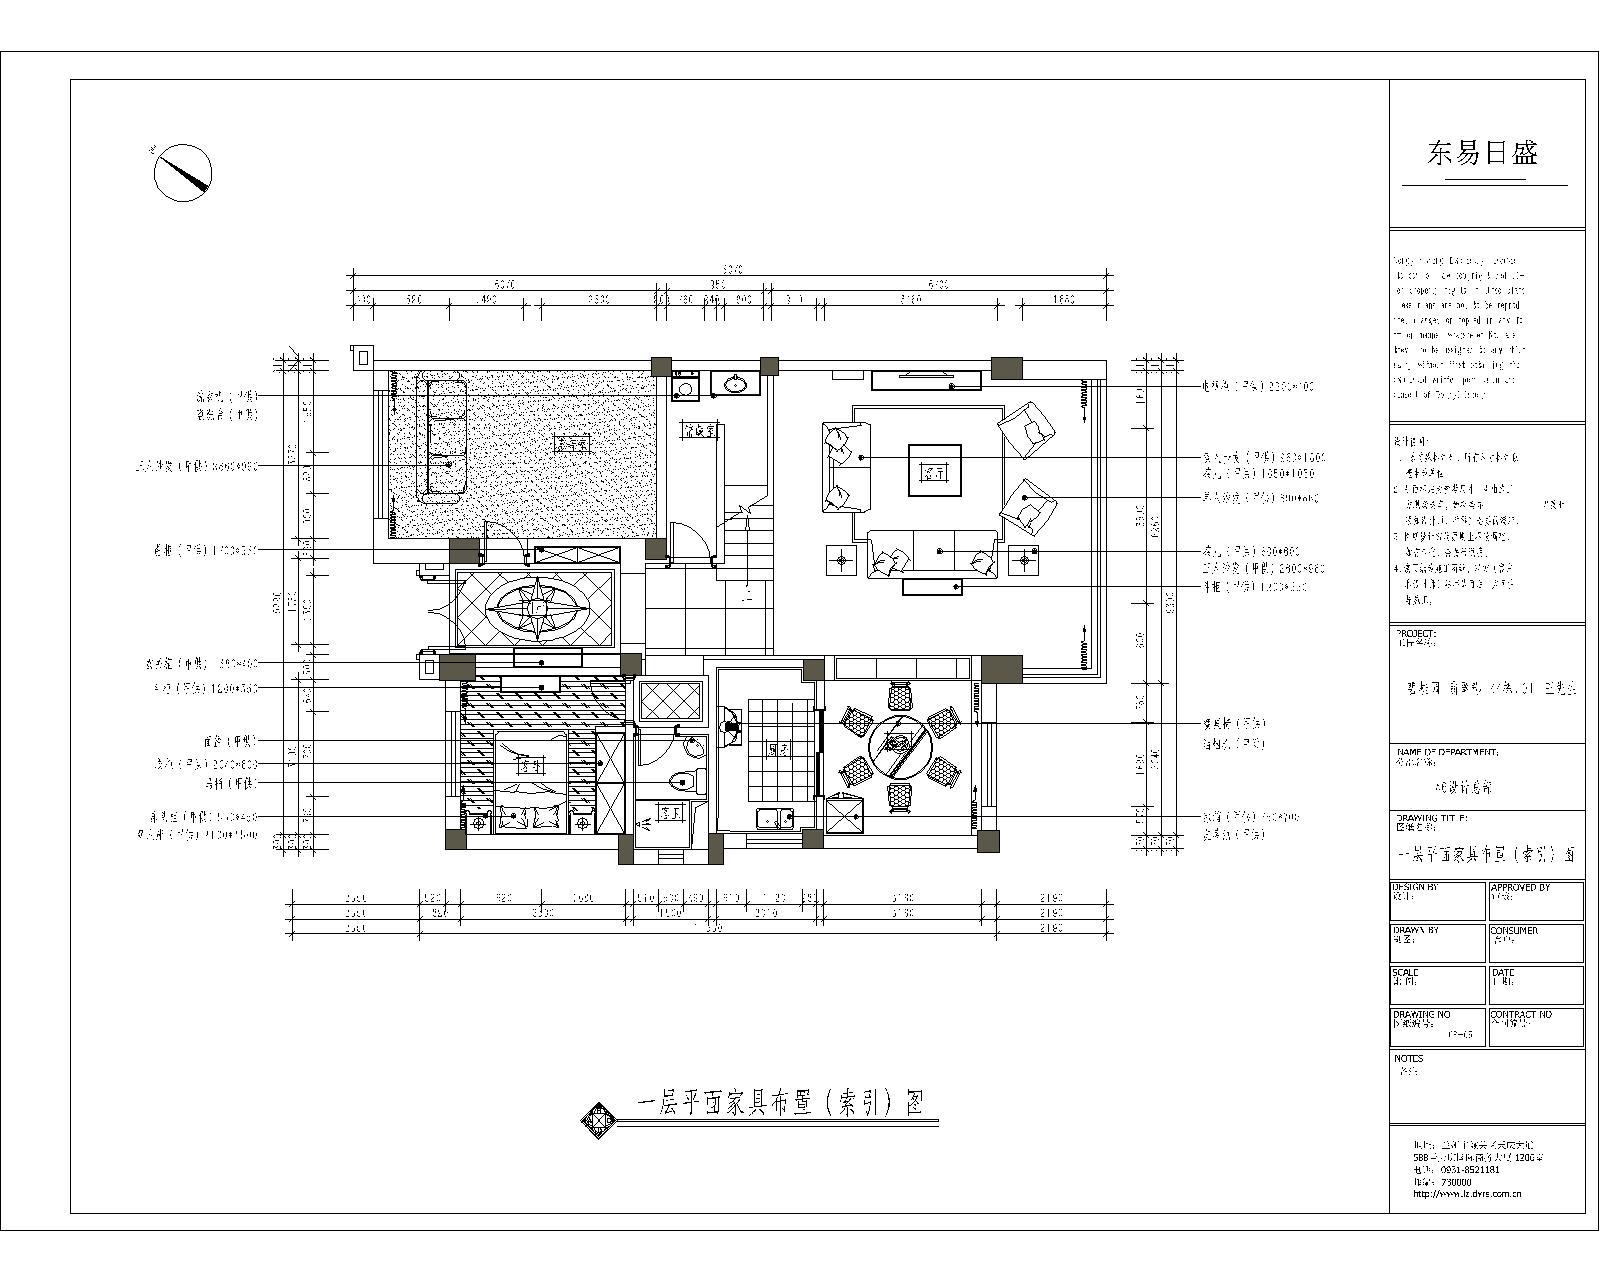 碧桂园翡翠郡-259平米-美式风格装修案例效果图装修设计理念